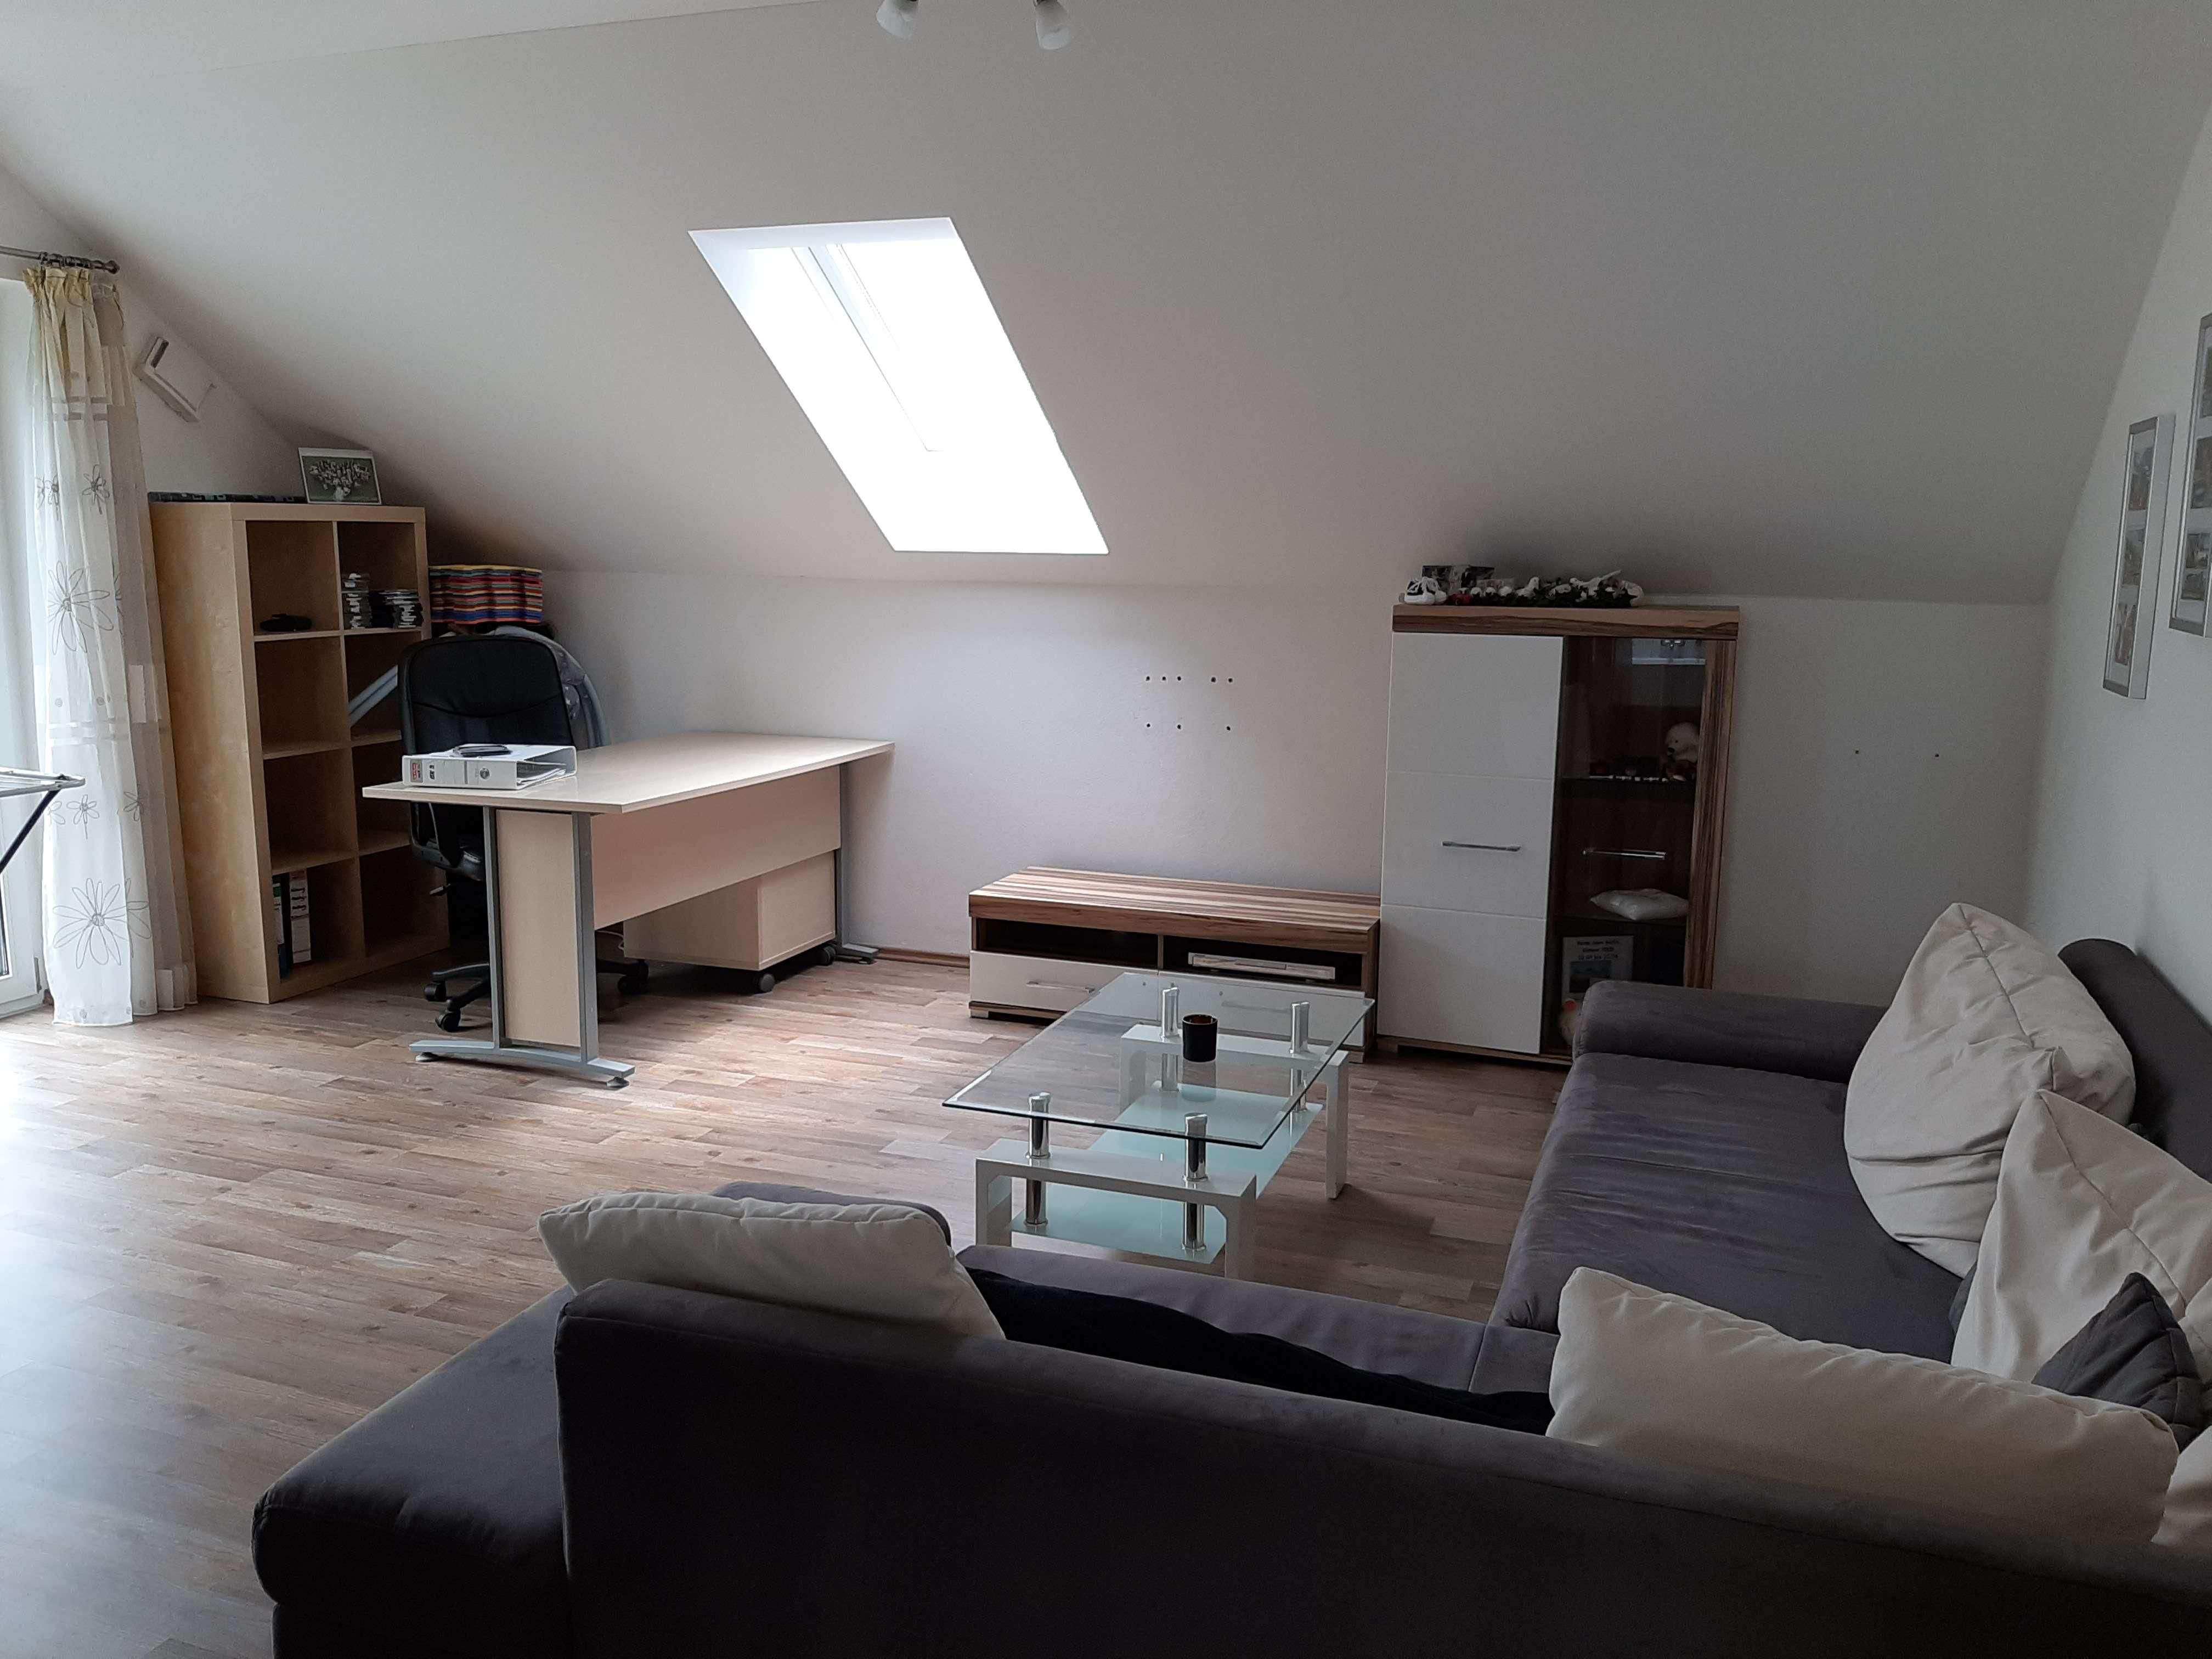 Freundliche 2-Raum-DG-Wohnung mit EBK und Balkon in Großberg in